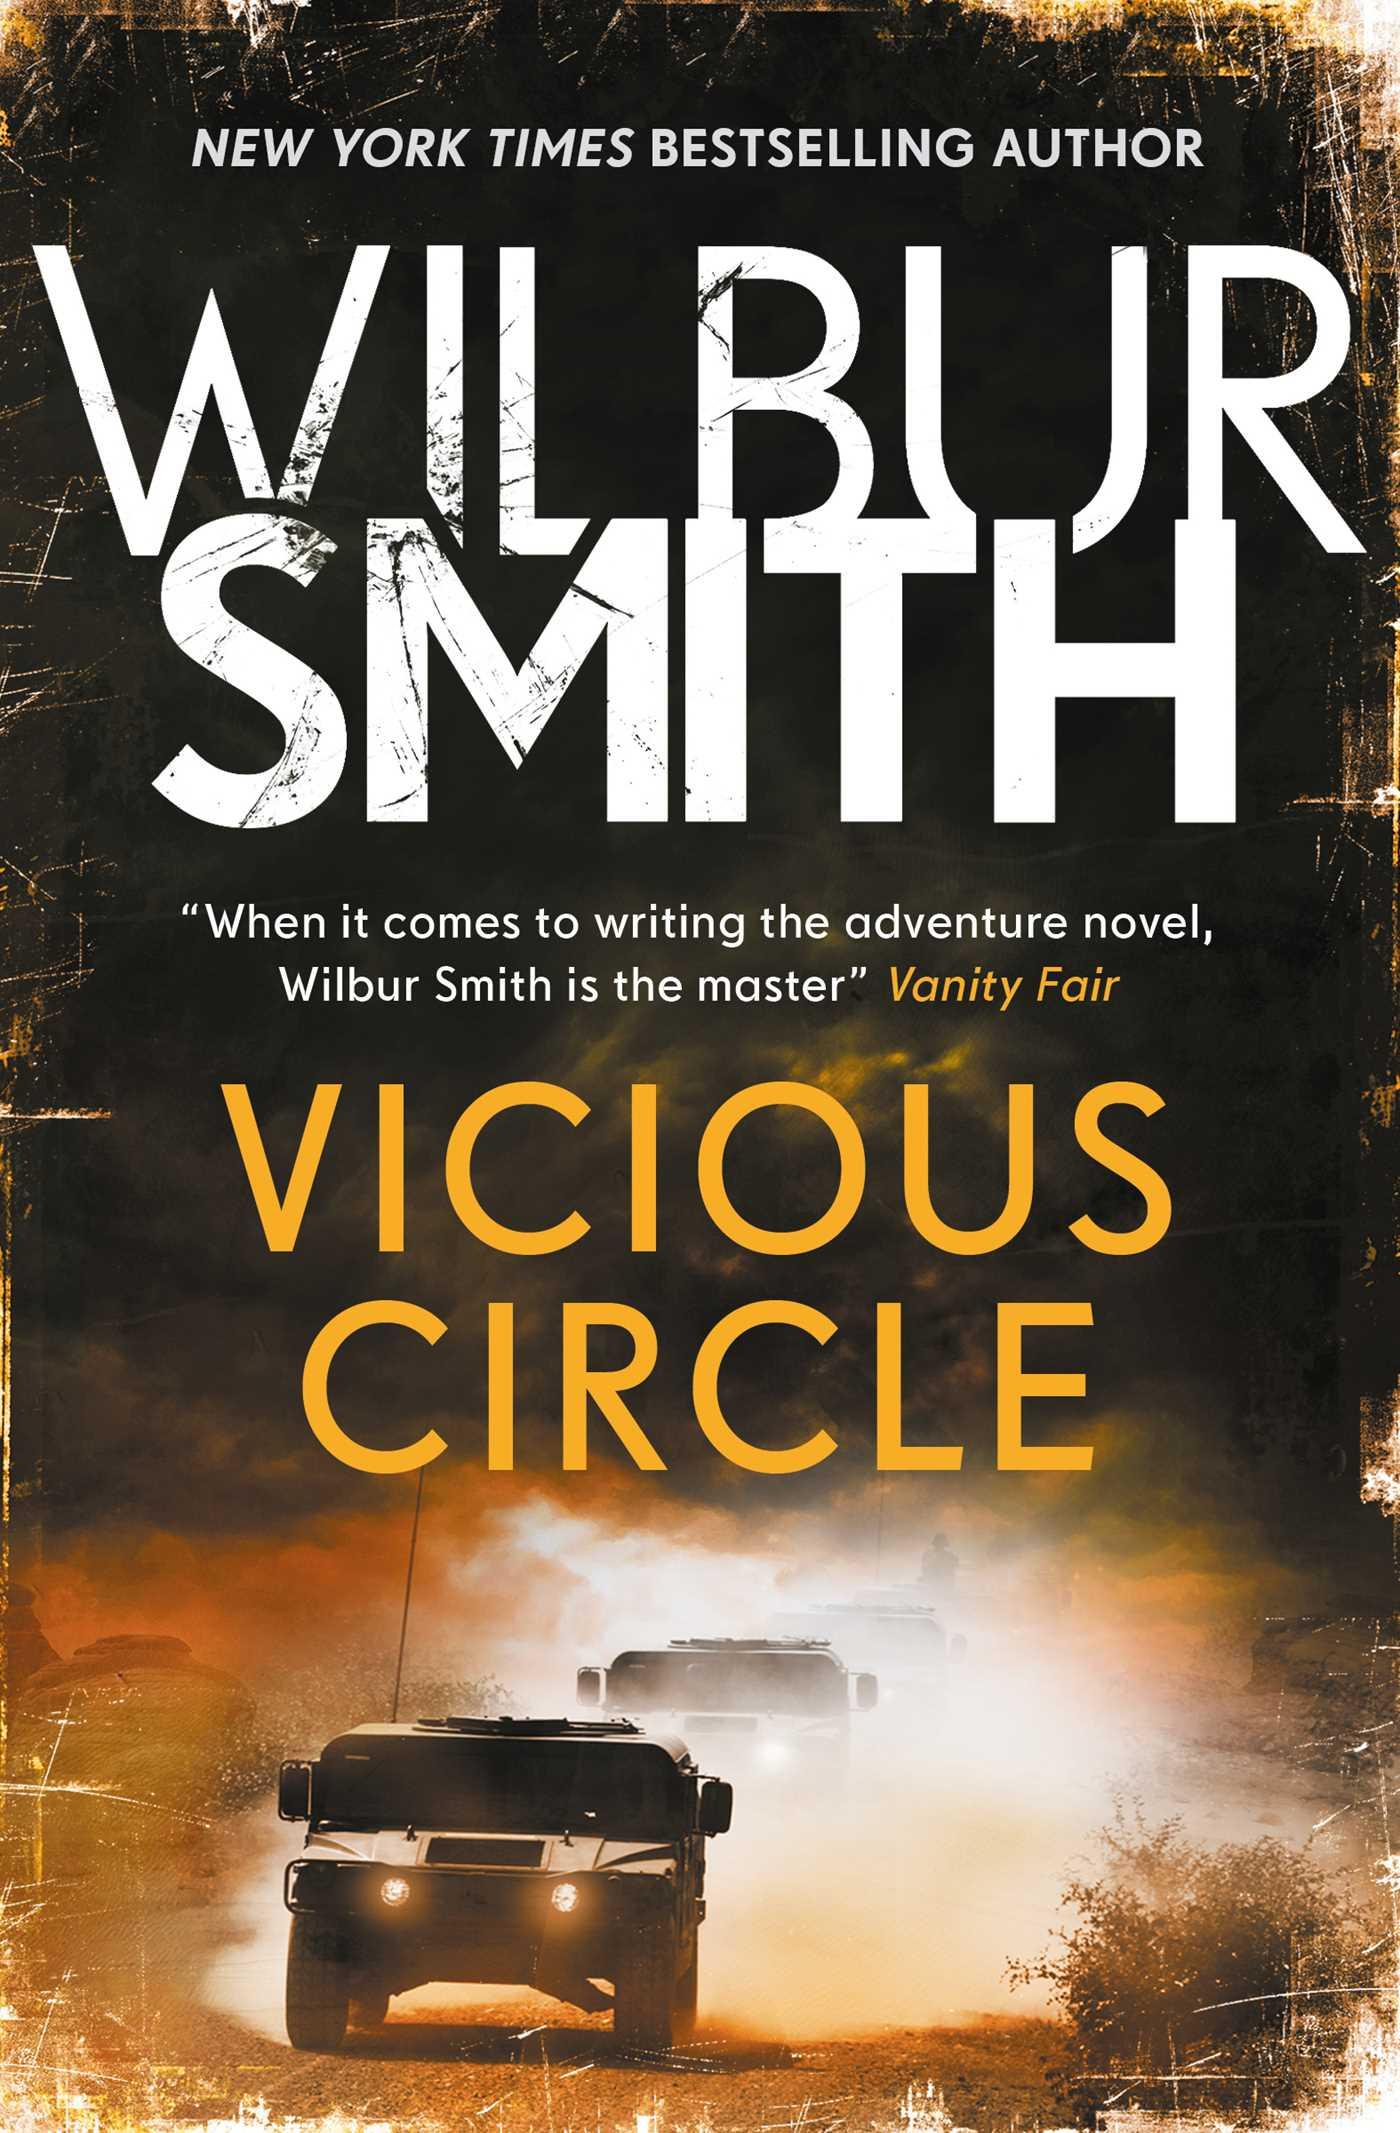 Vicious circle 9781499861204 hr